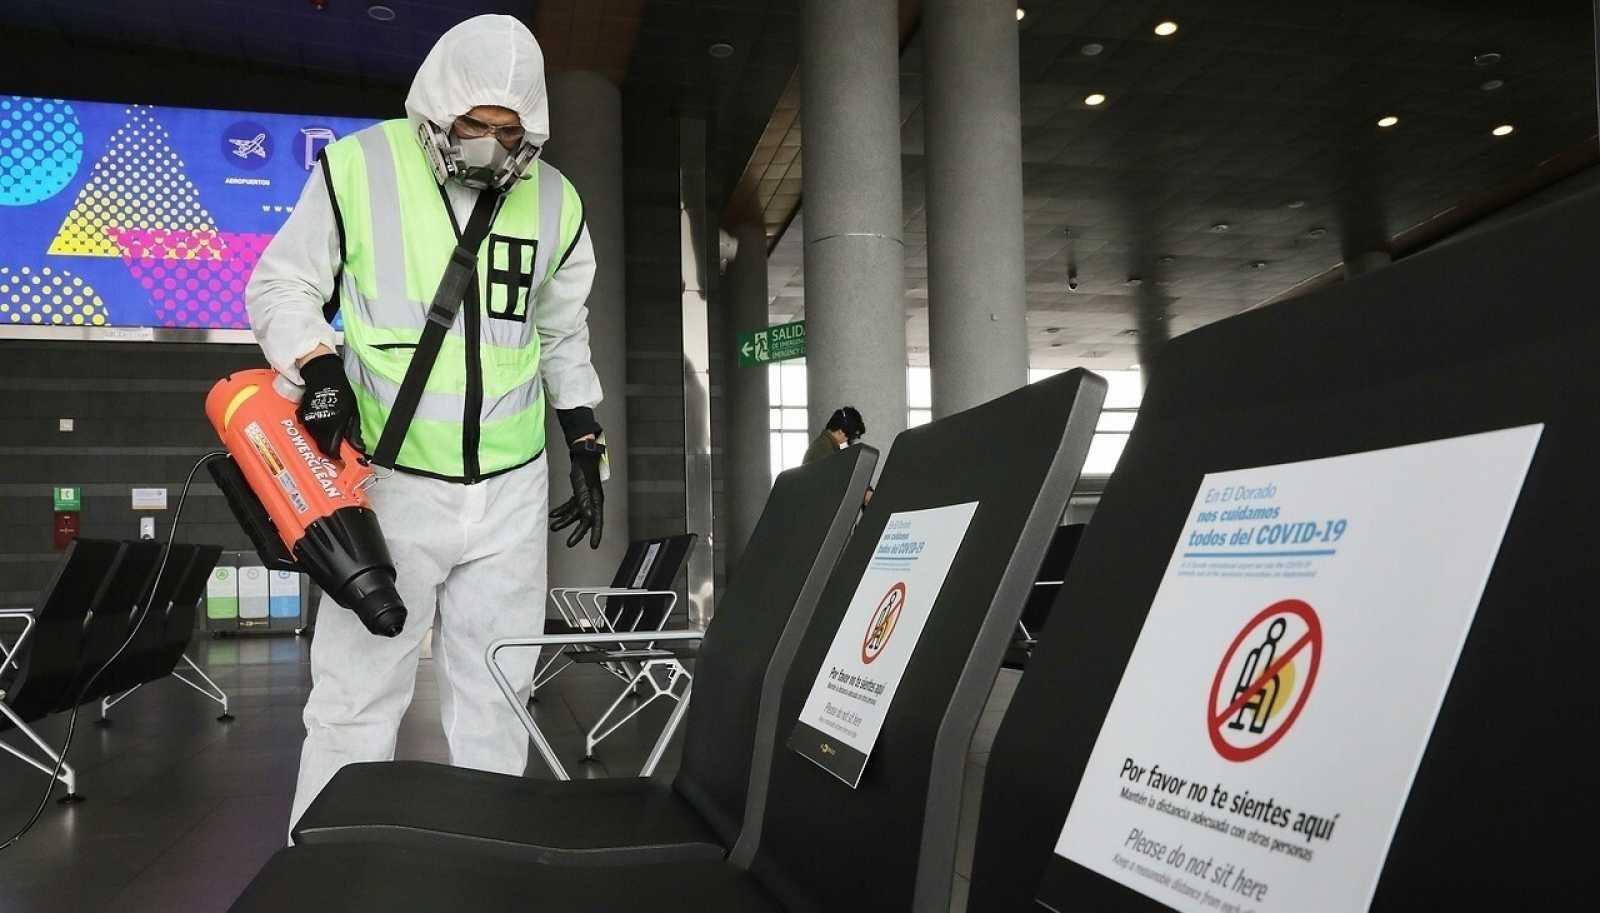 Un empleado desinfecta la sala de espera en el Aeropuerto Internacional El Dorado, en Bogotá (Colombia).